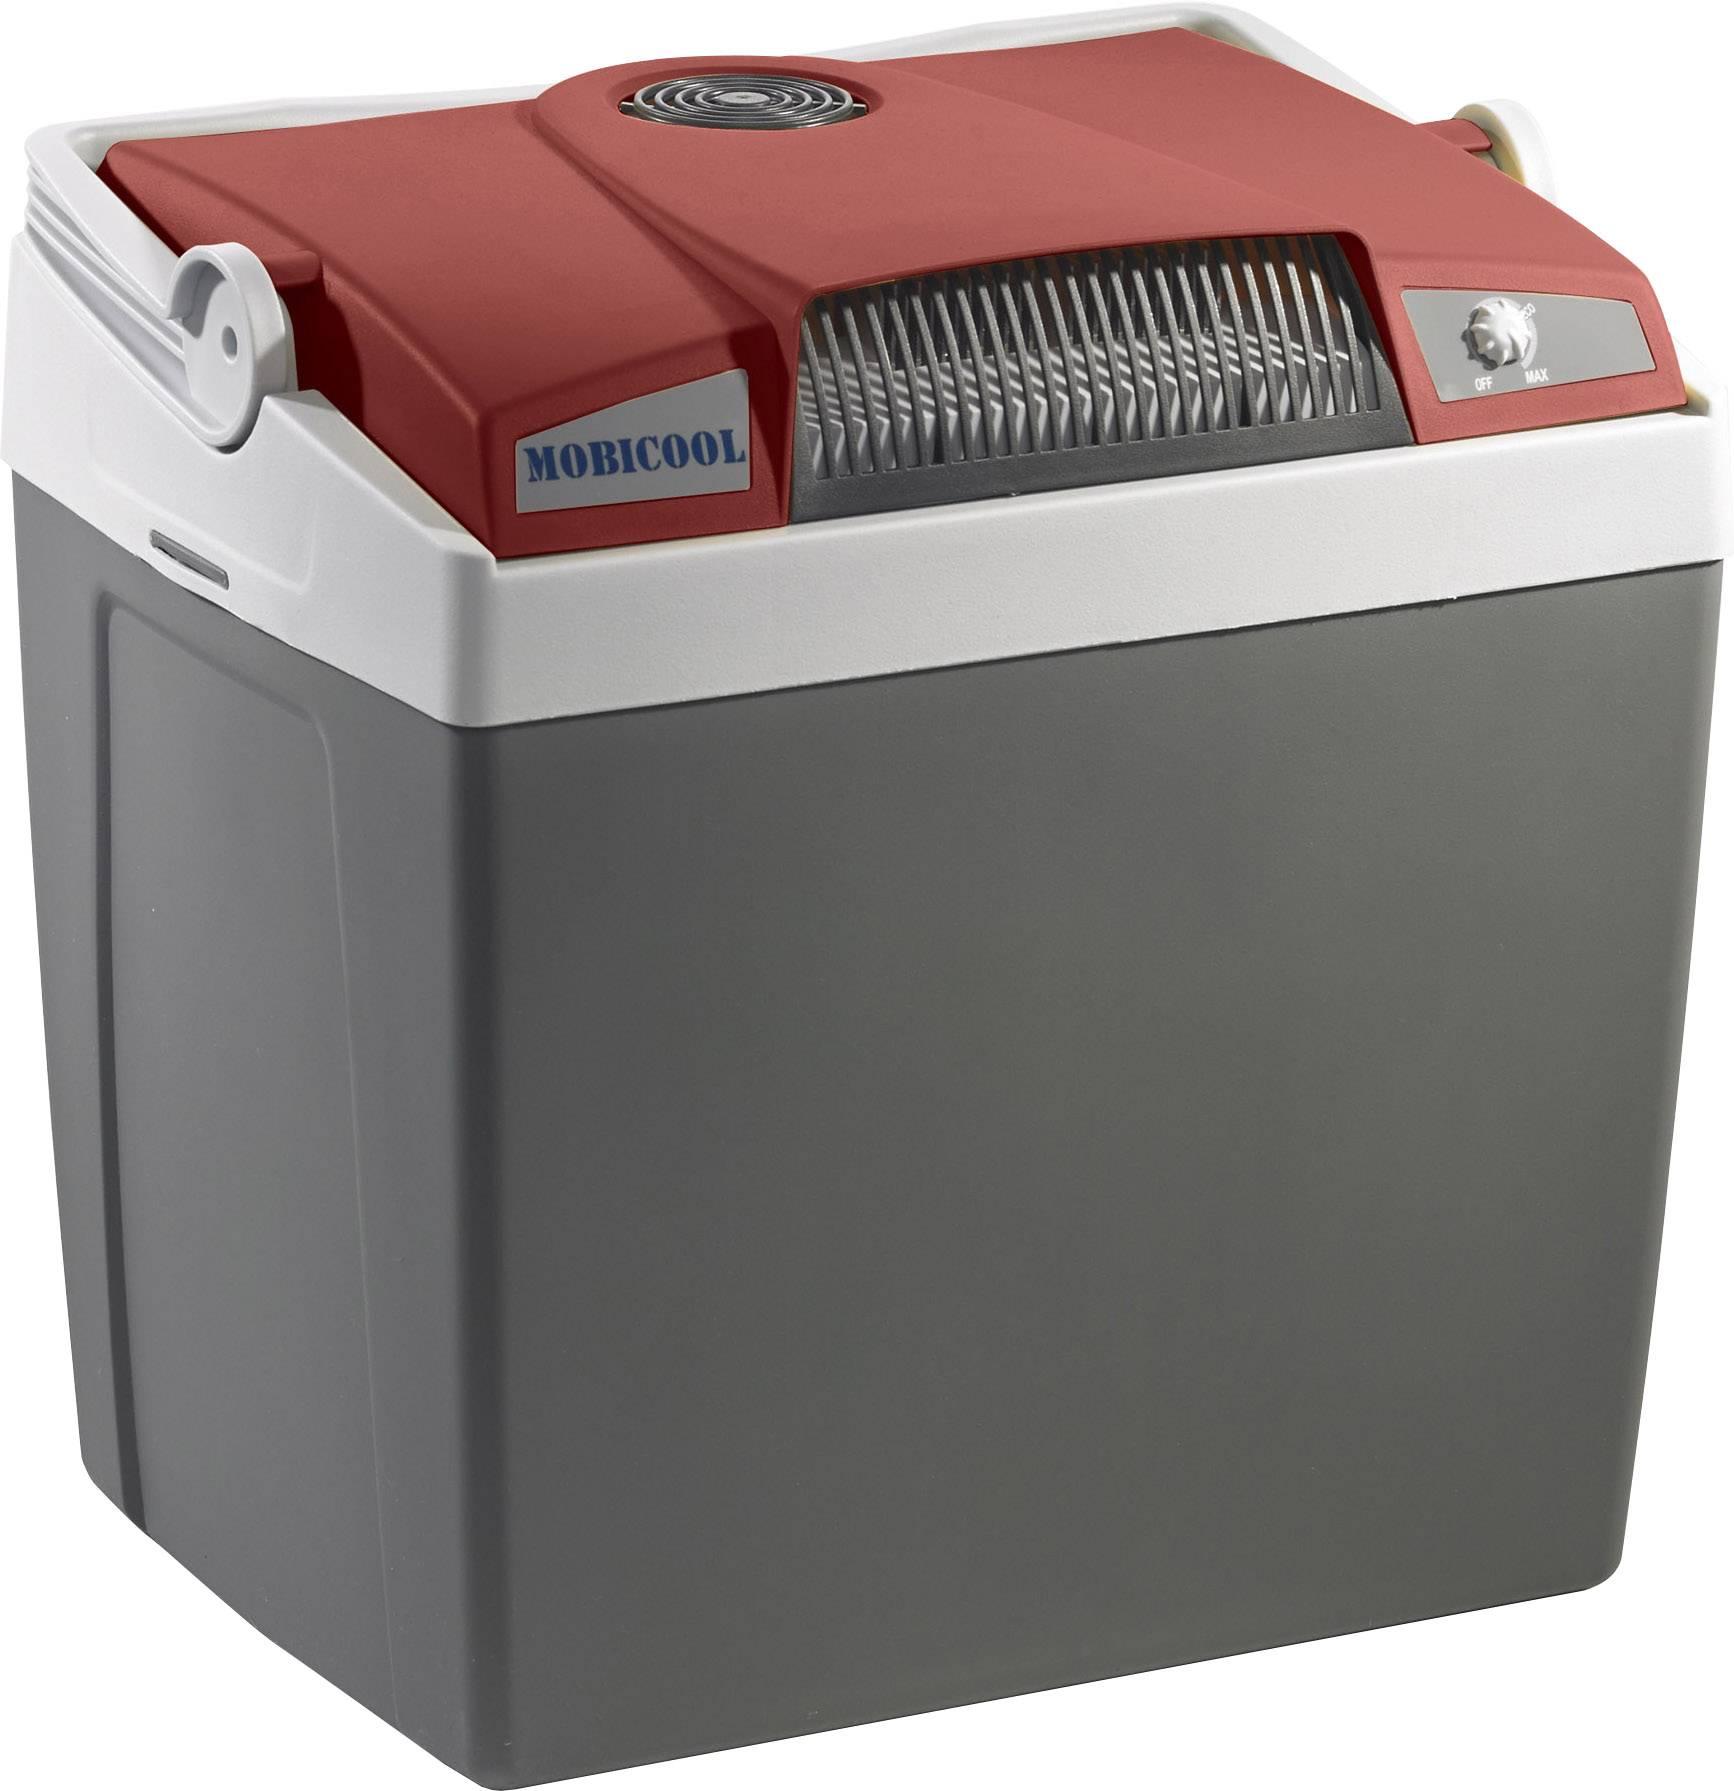 Přenosná lednice (autochladnička) MobiCool G26 AC/DC, 12 V, 230 V, 25 l, červeno šedá